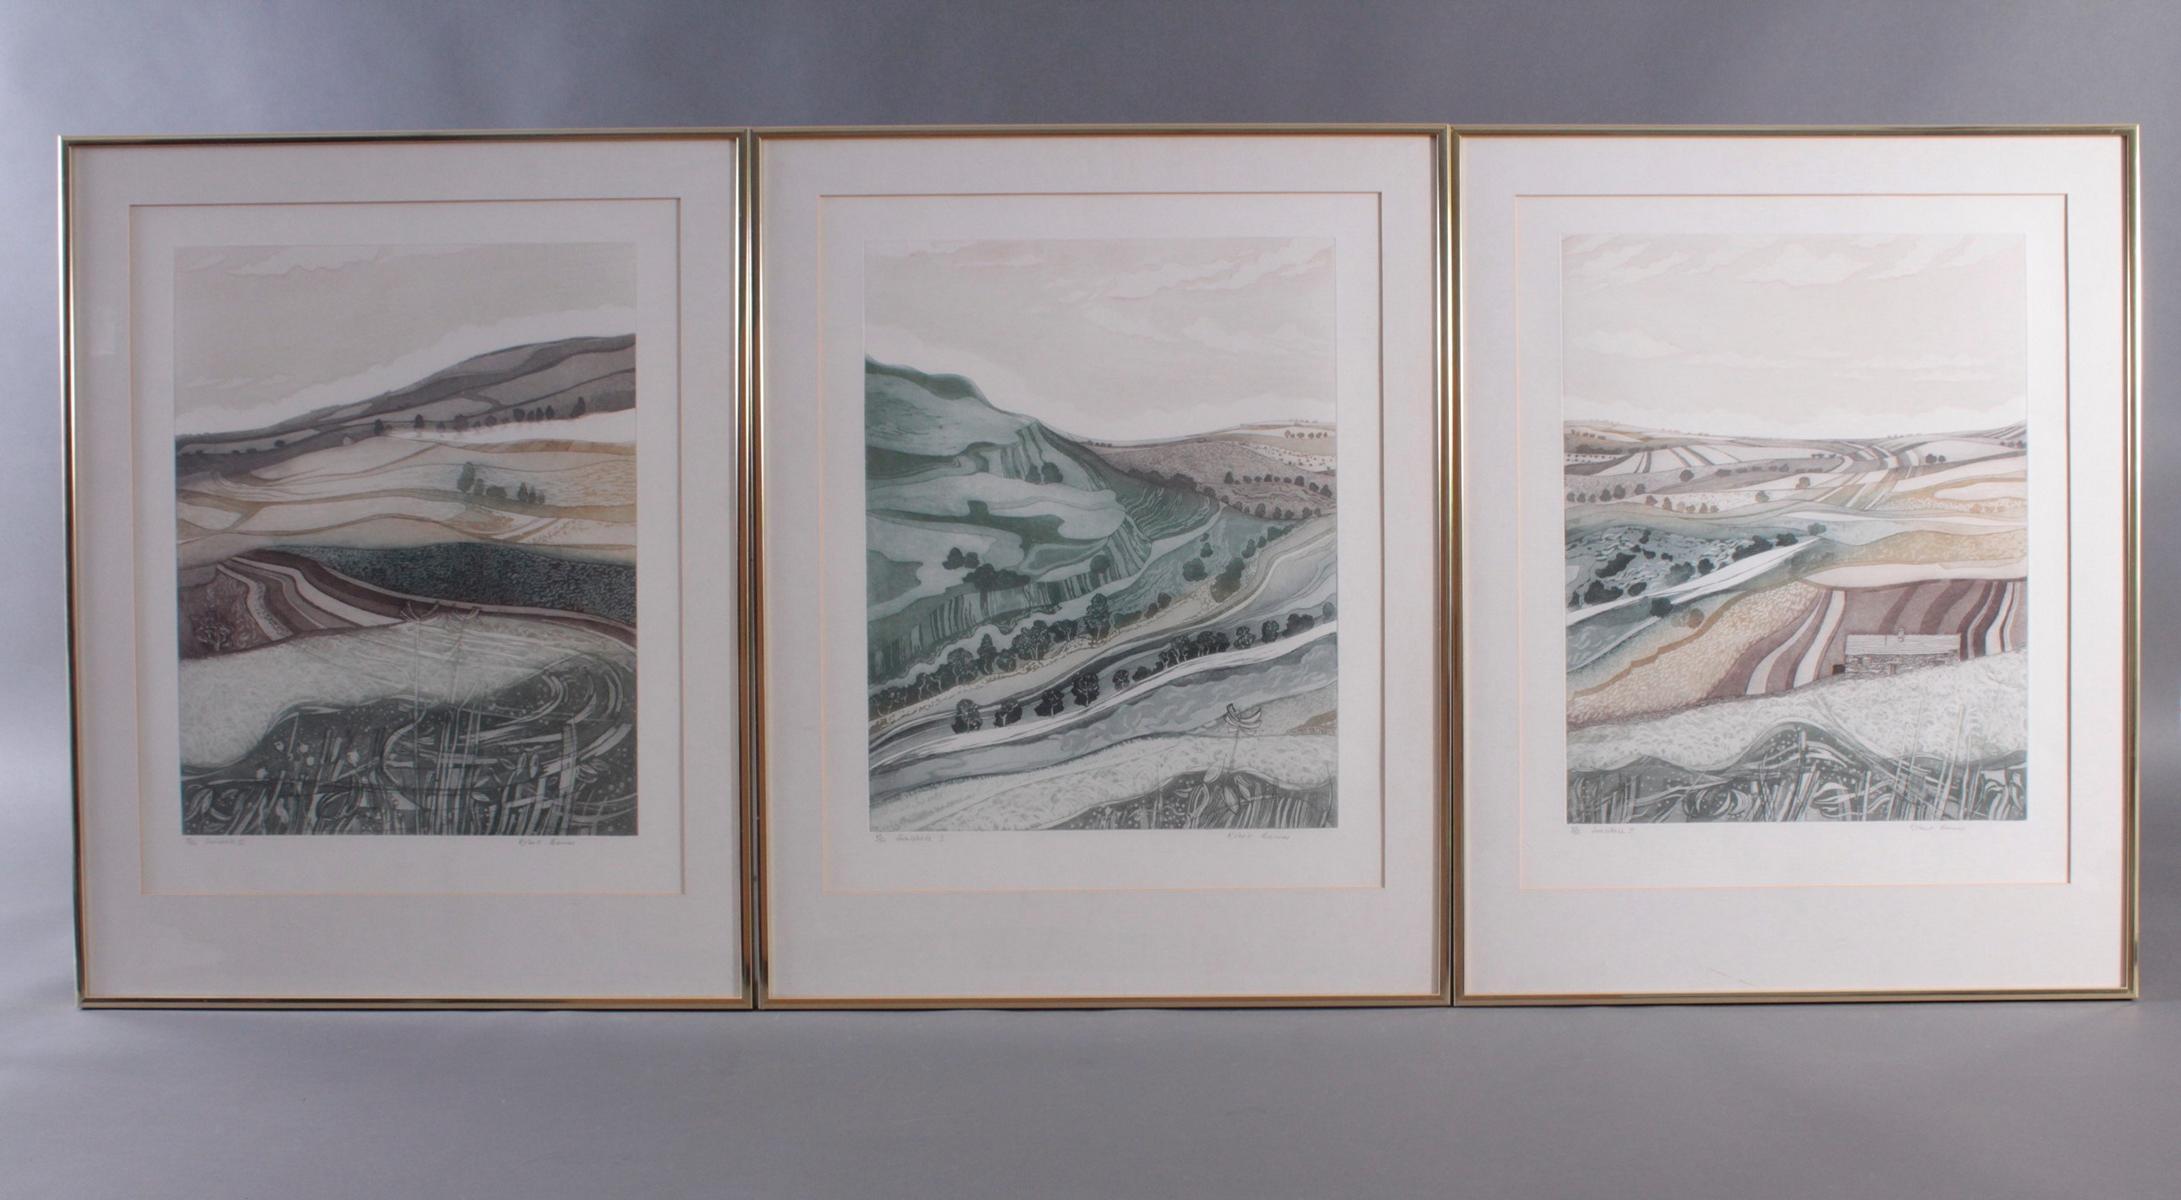 Robert Barnes (1974). Swaledale I, II und III